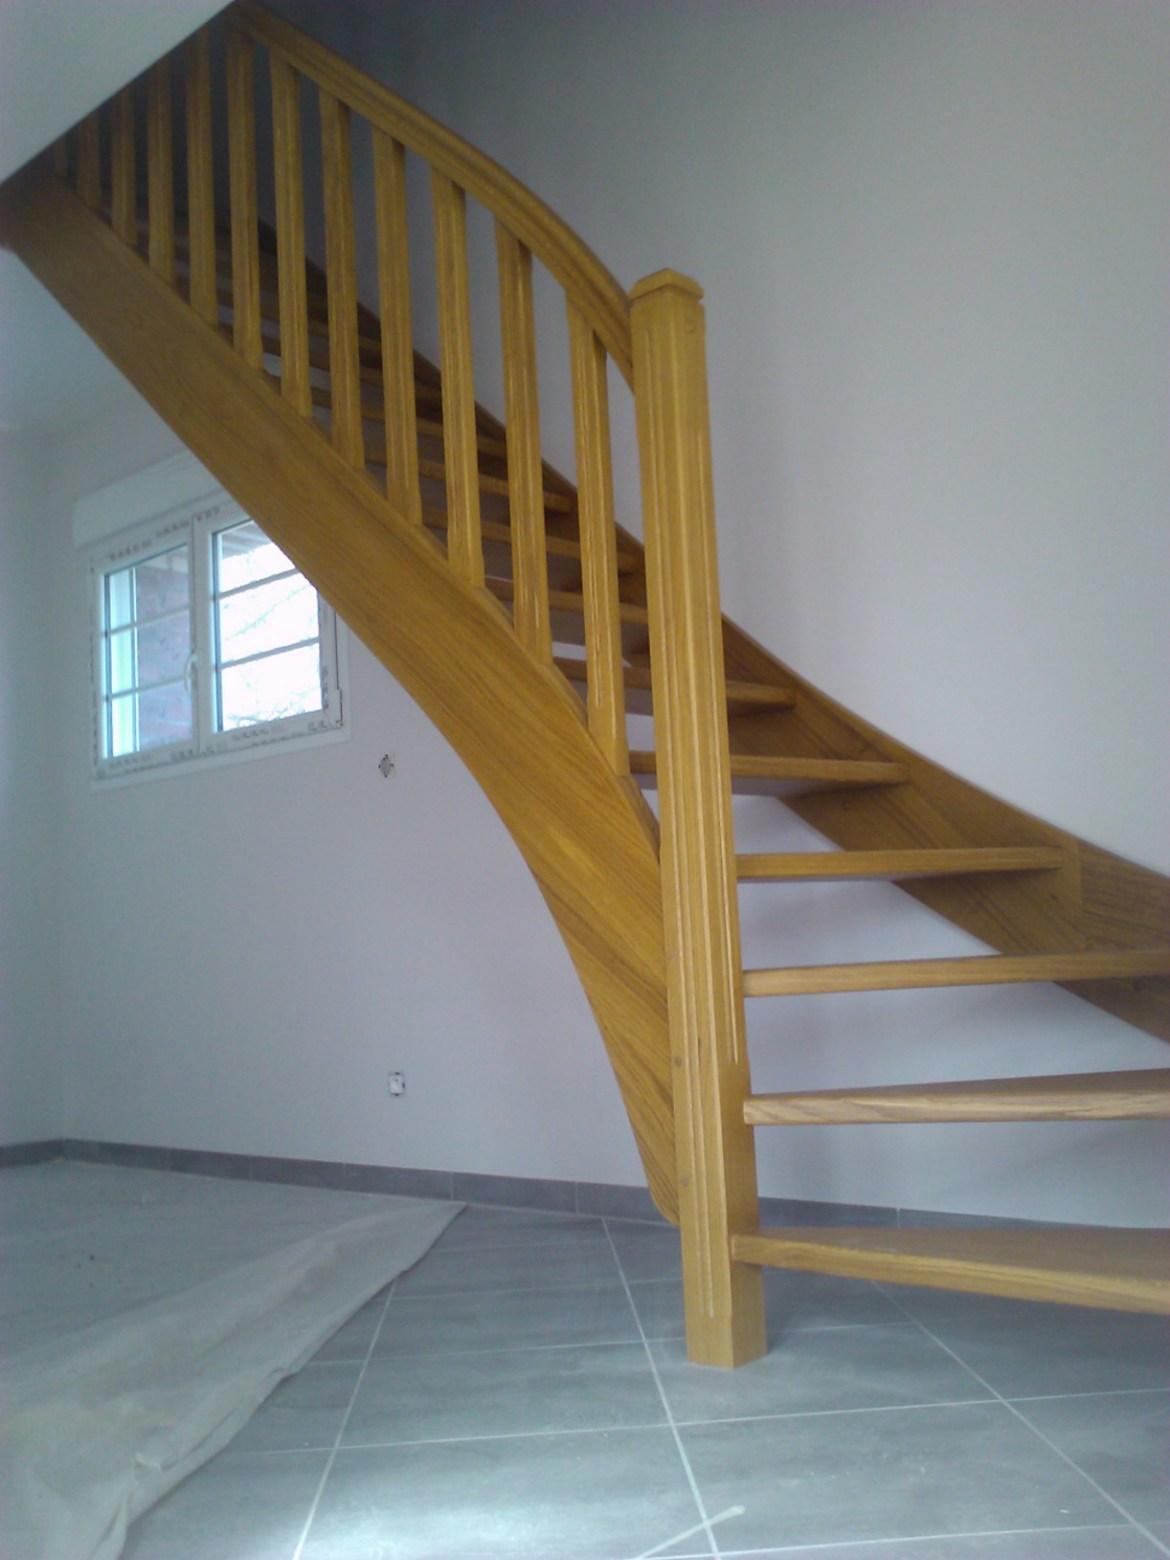 Styl'escalier : Gamme Tradition escalier chêne avec limon et rampe galbé